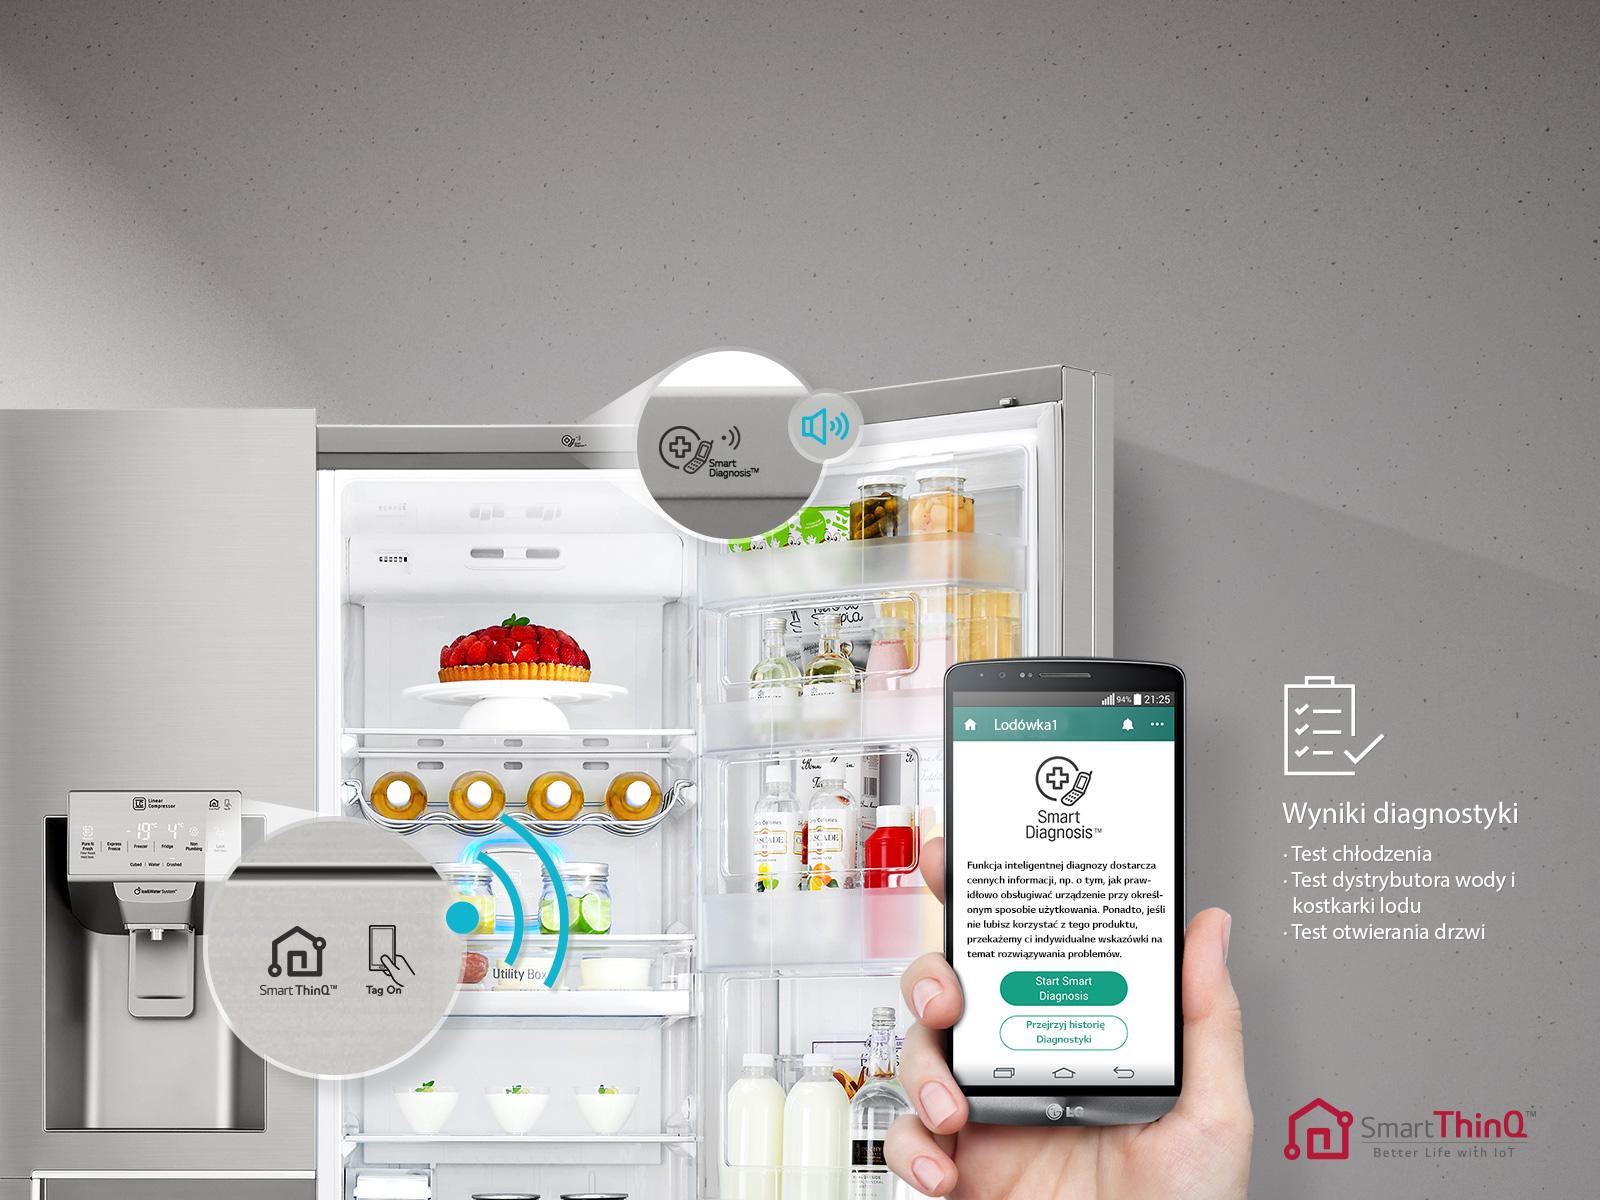 lodówka lg side by side ze specjalną przestrzenią chłodzenia sterowaną smartfonem